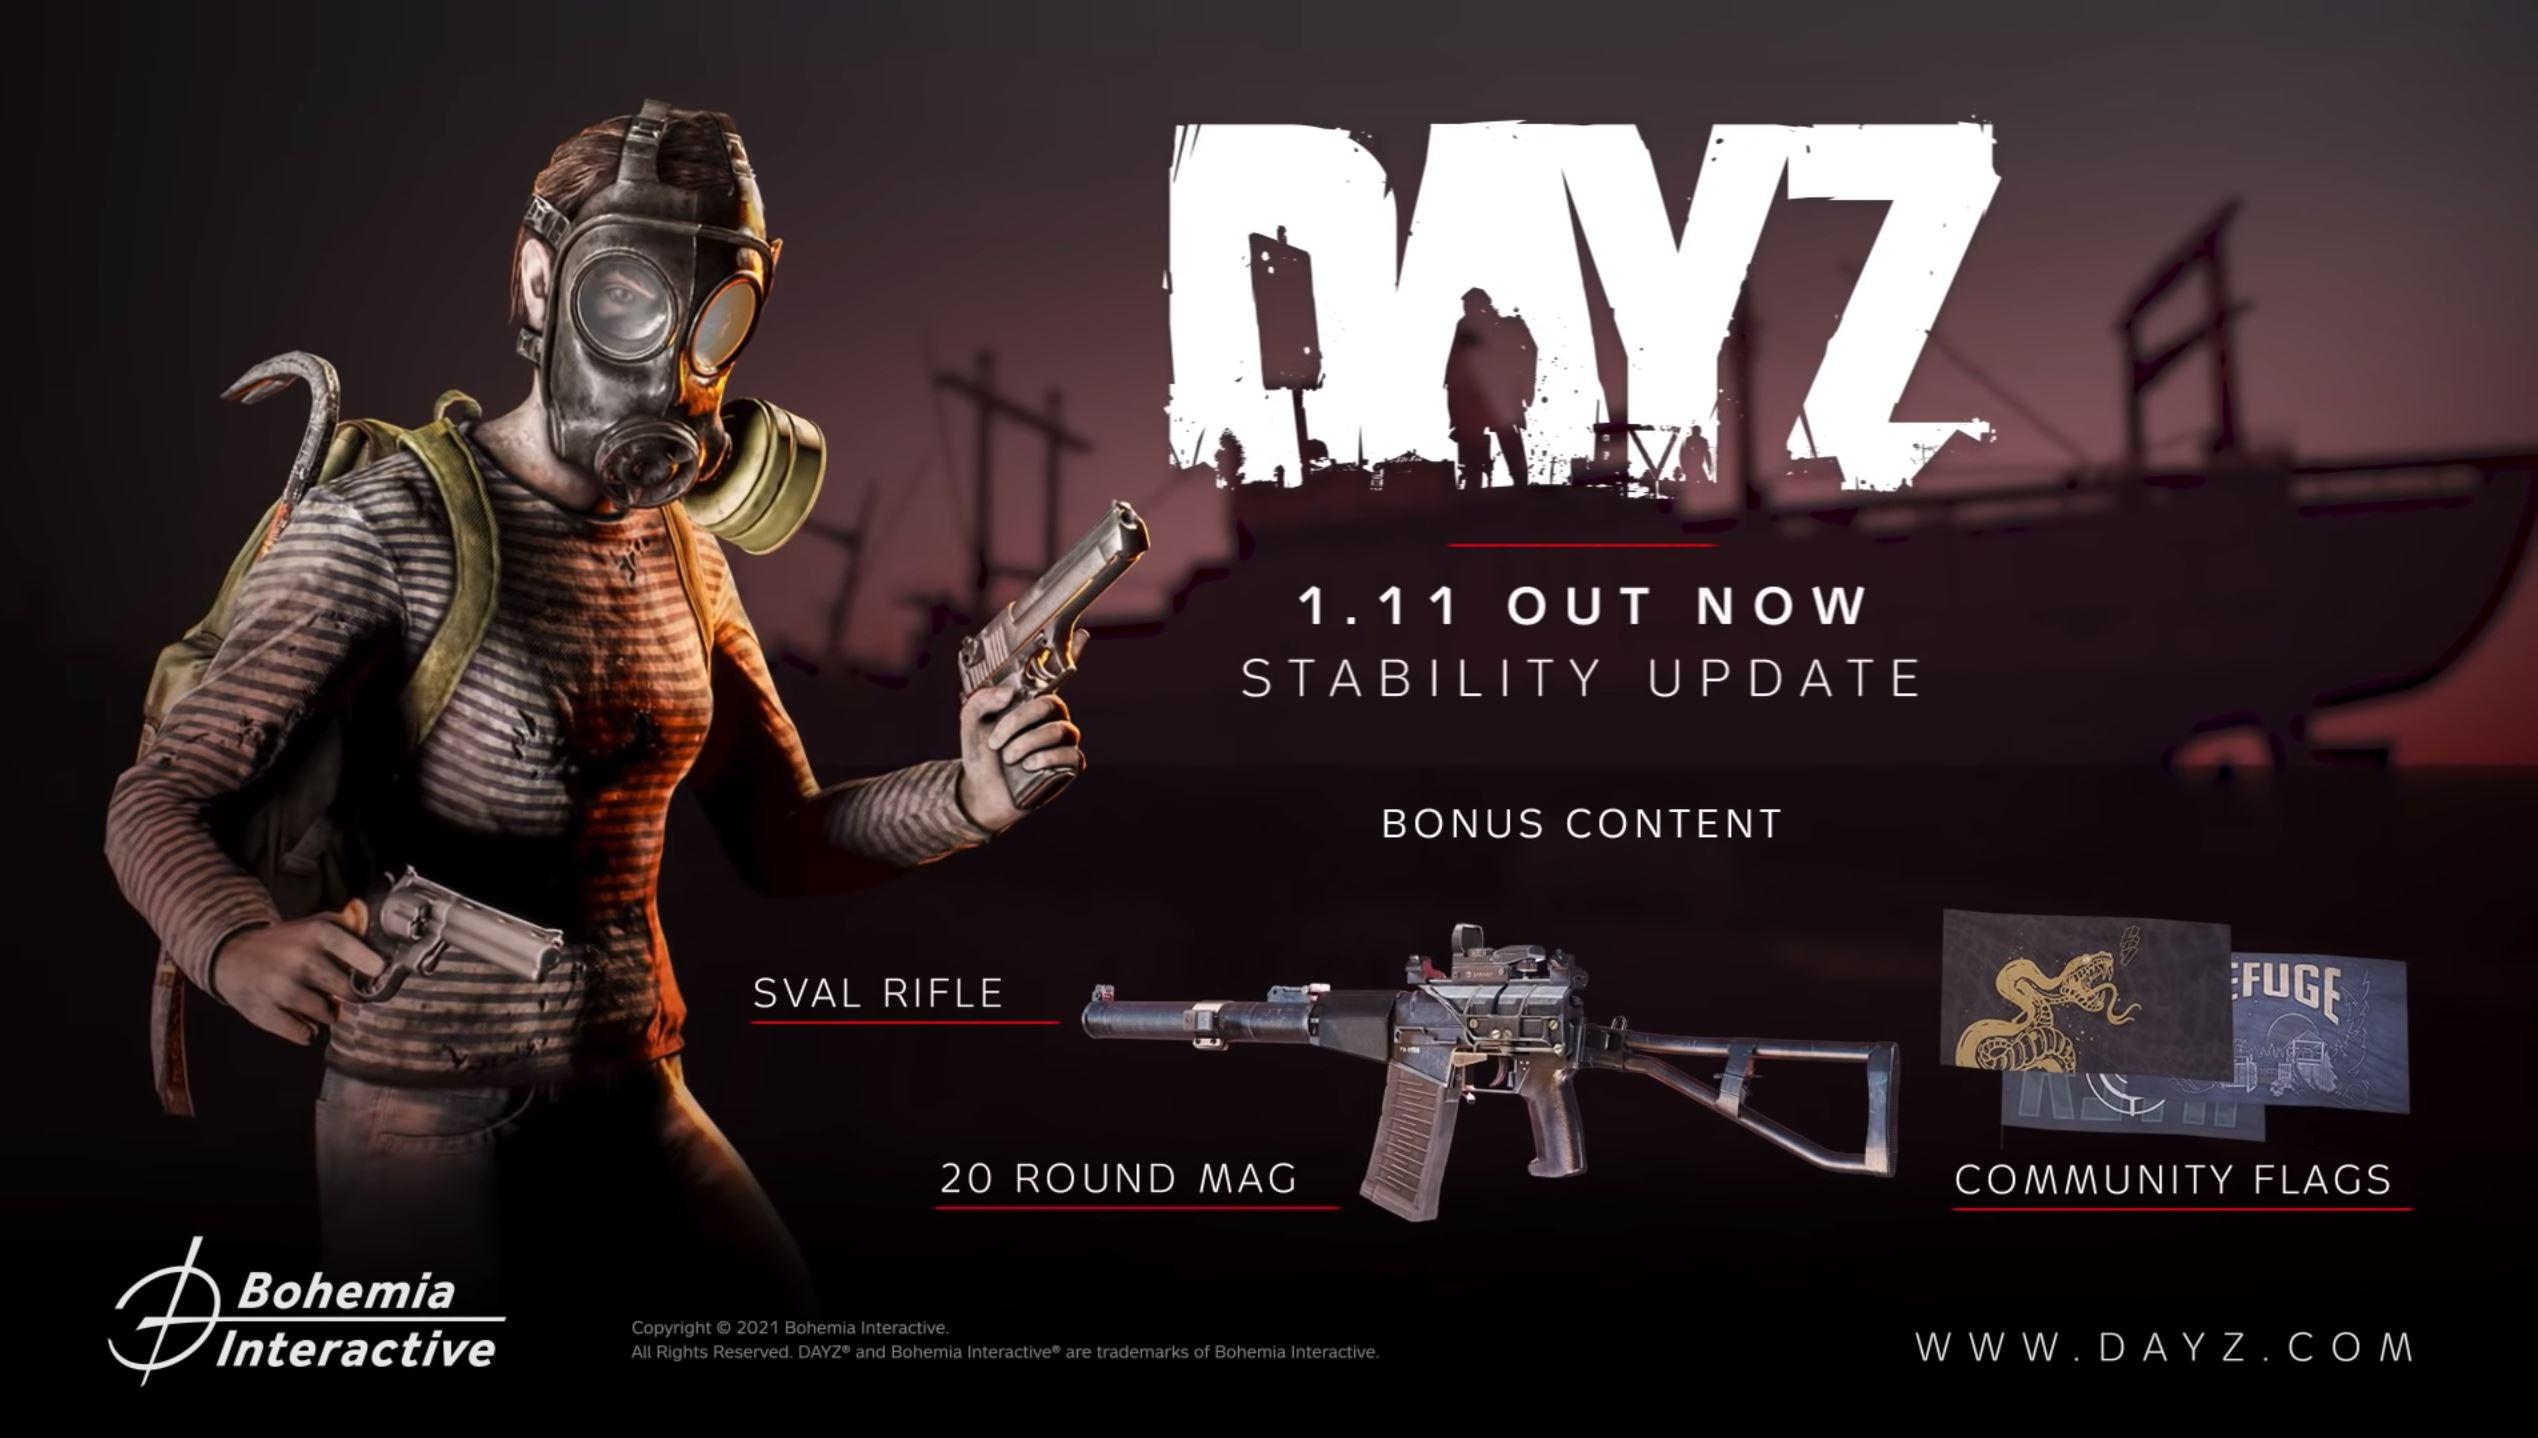 dayz-update-1.11-content